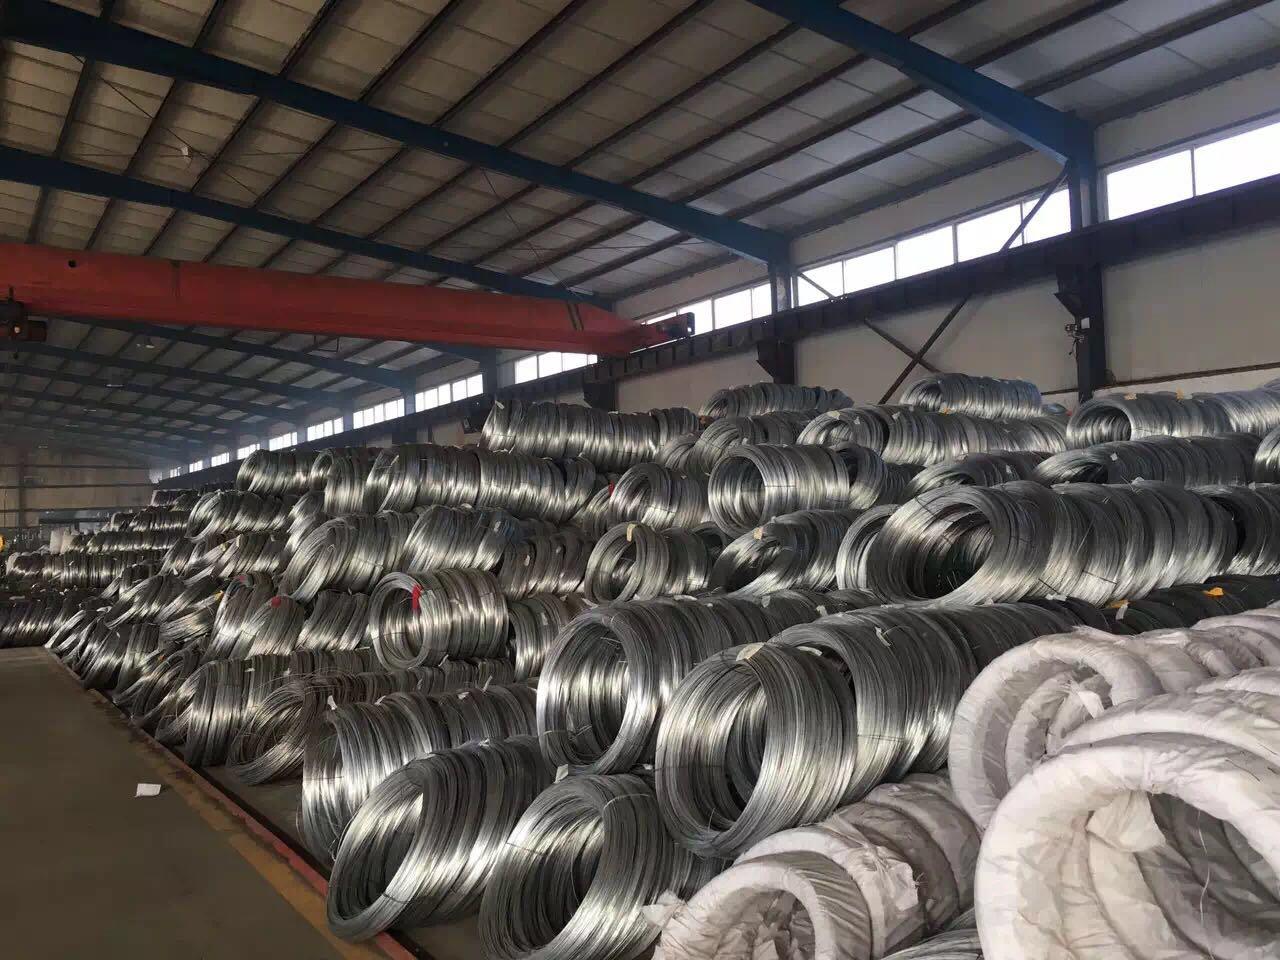 铁丝厂家直销 铁丝供应商,铁丝多少钱